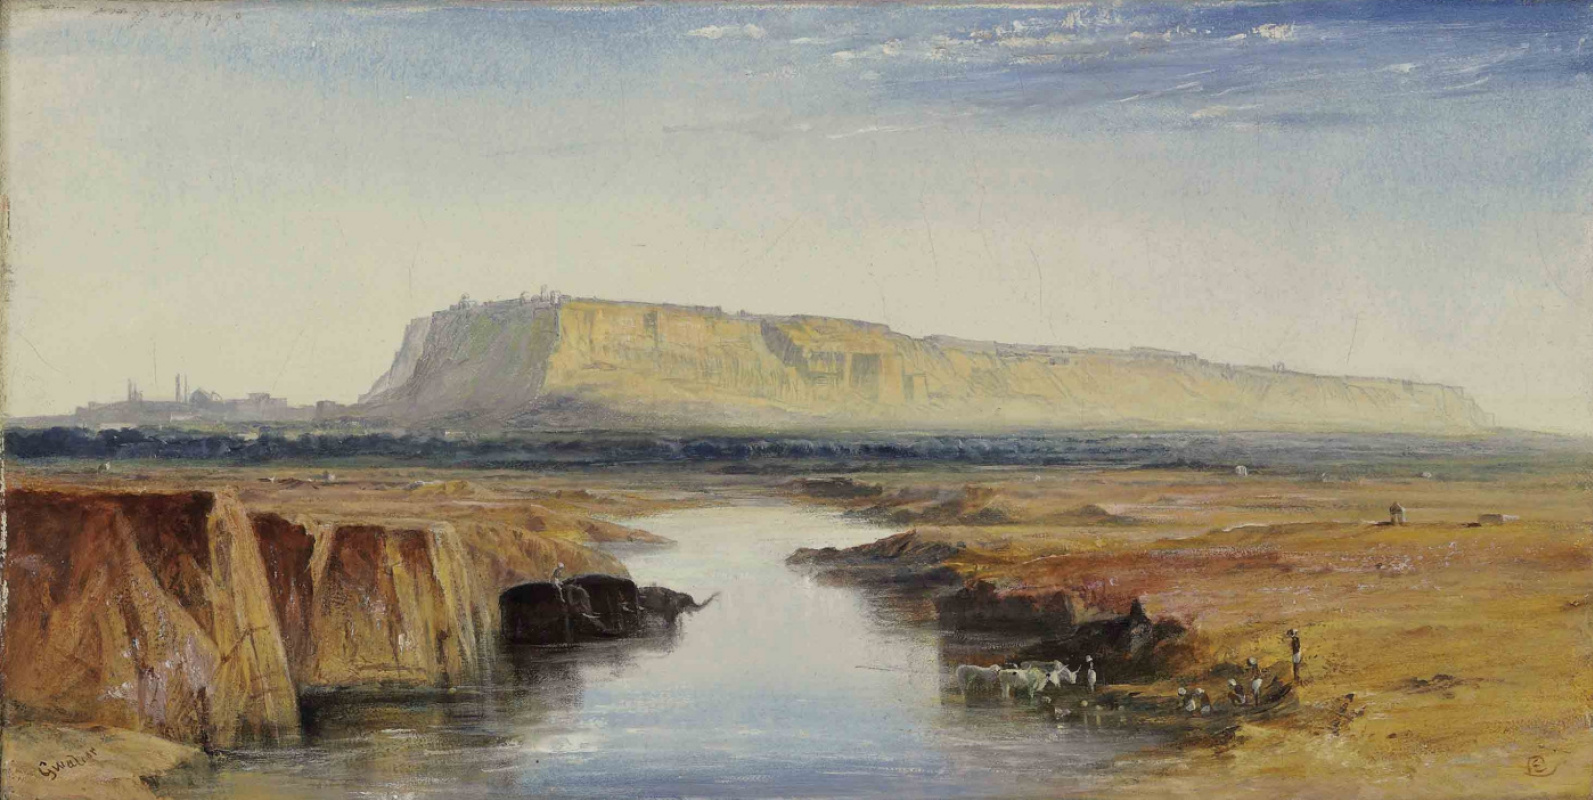 Edward Lear. View of Gwalior, India